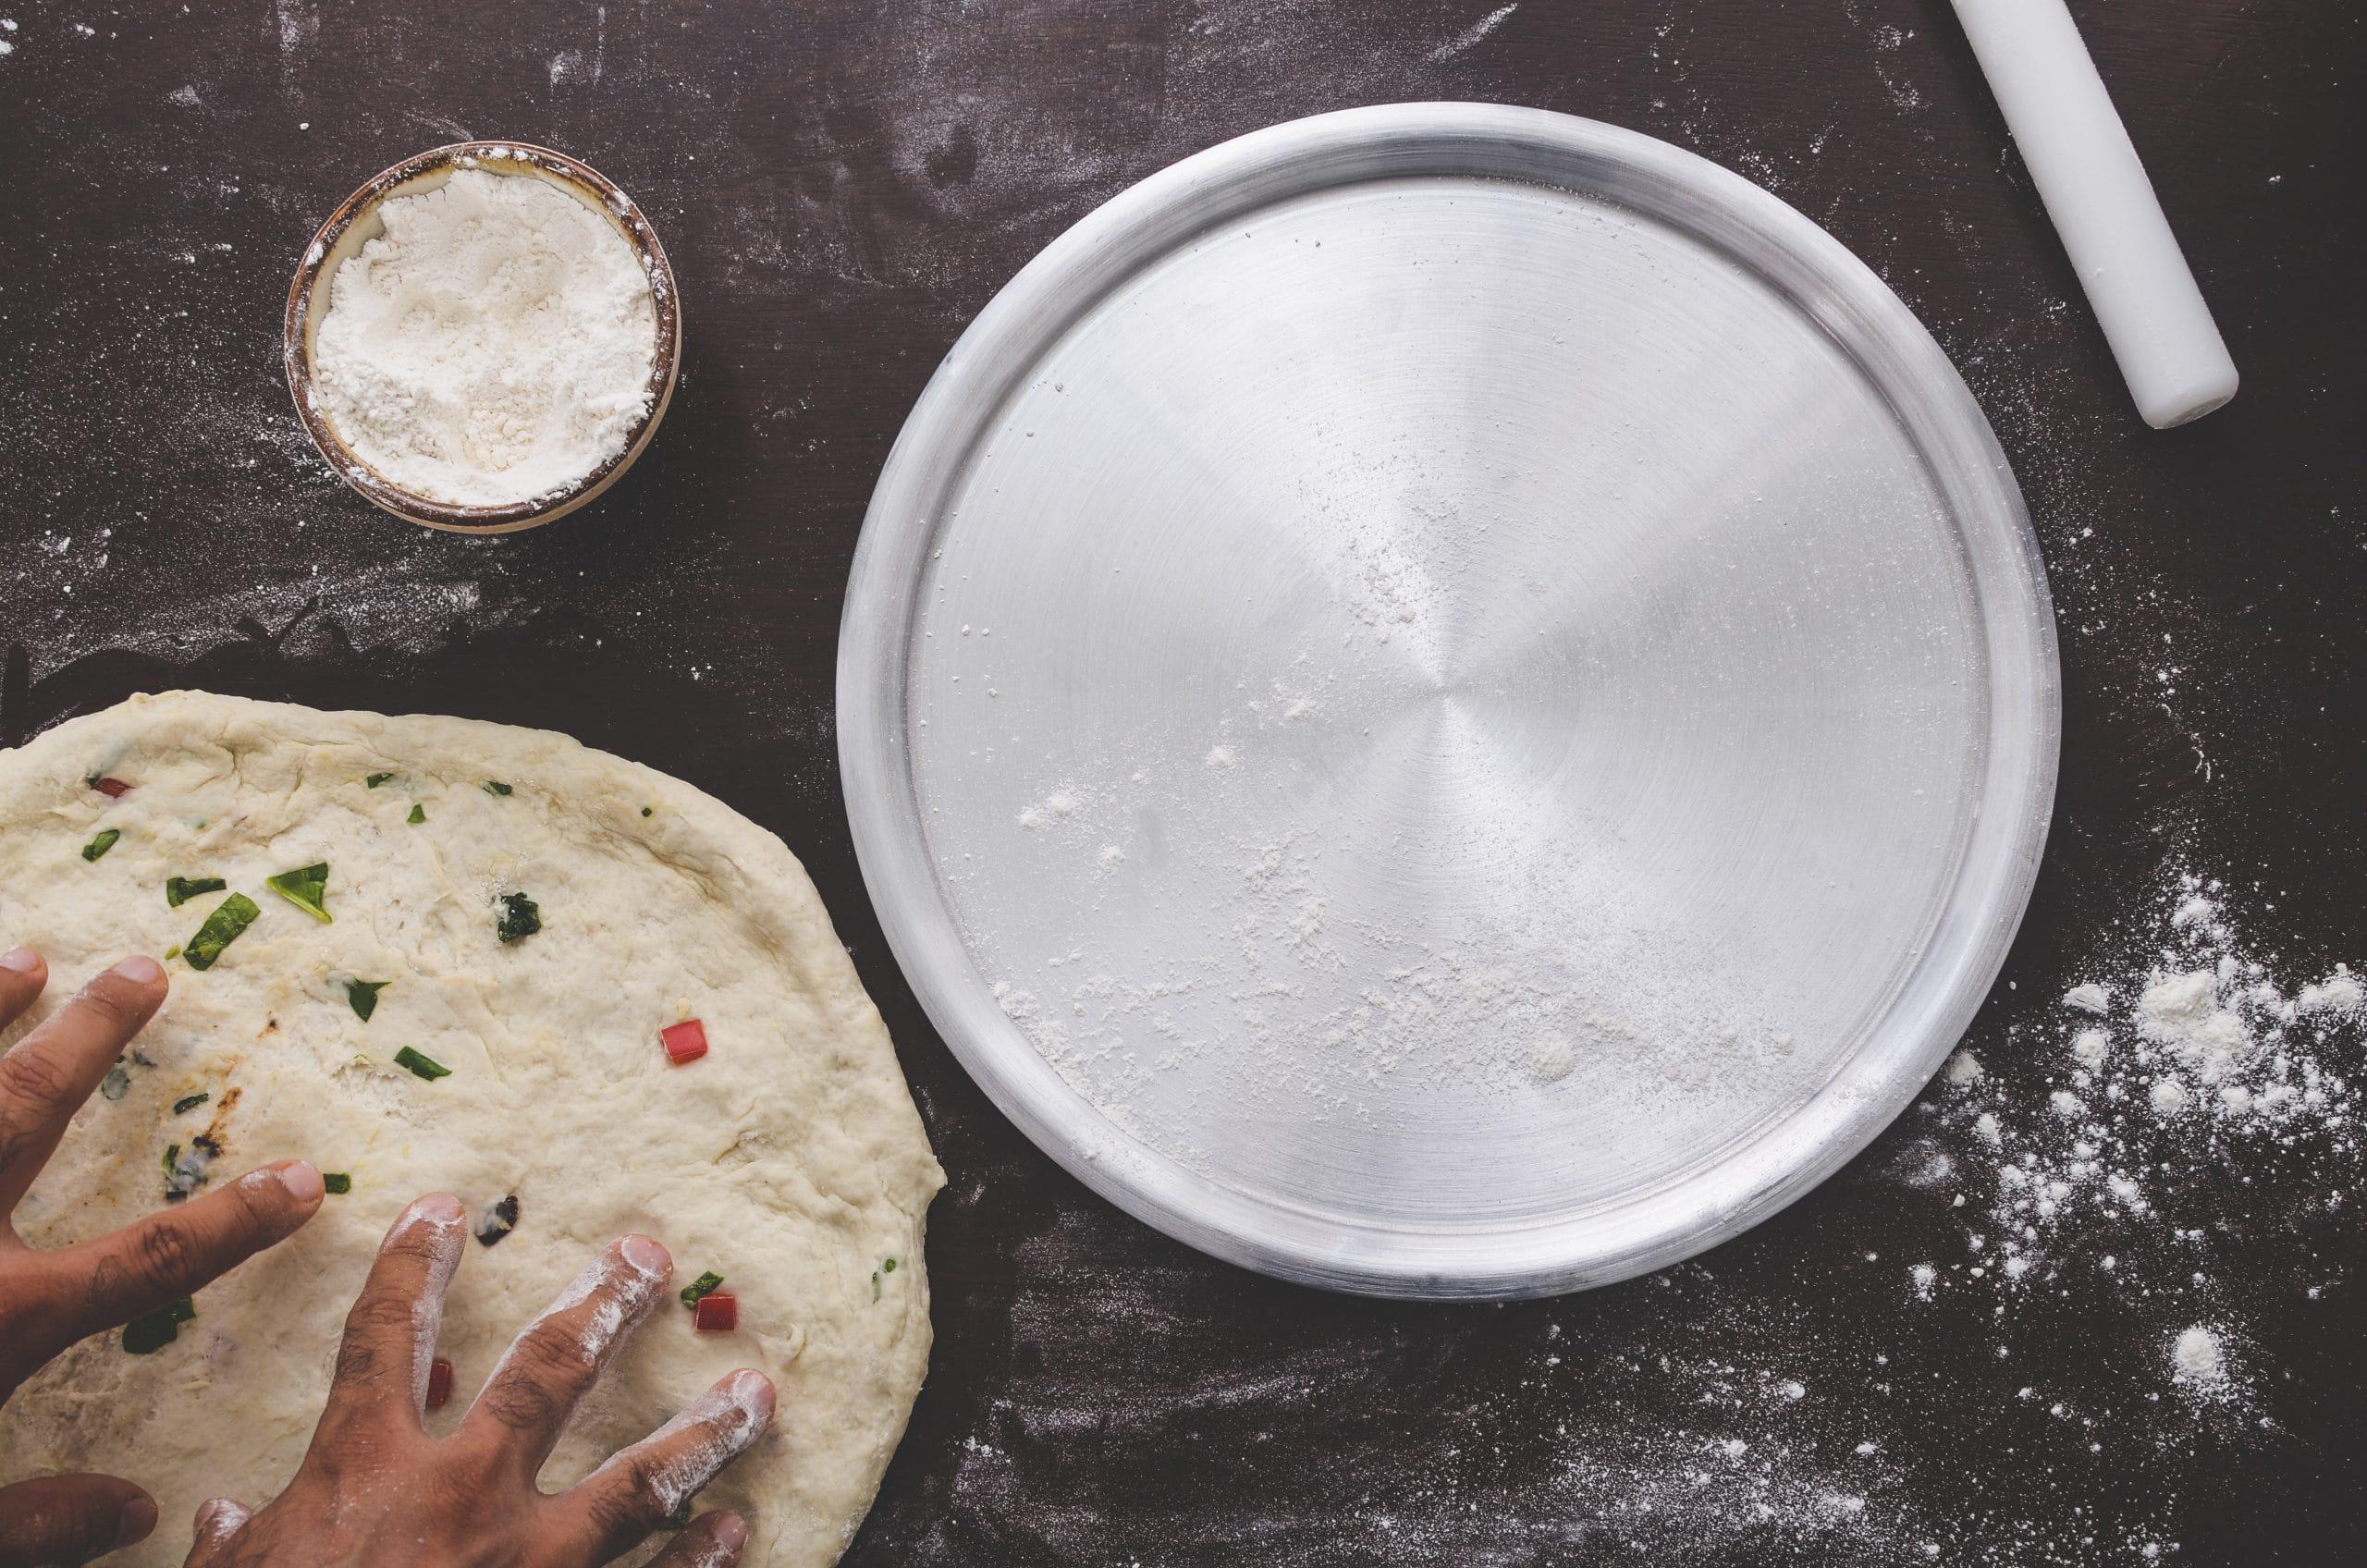 Frozen tortillas